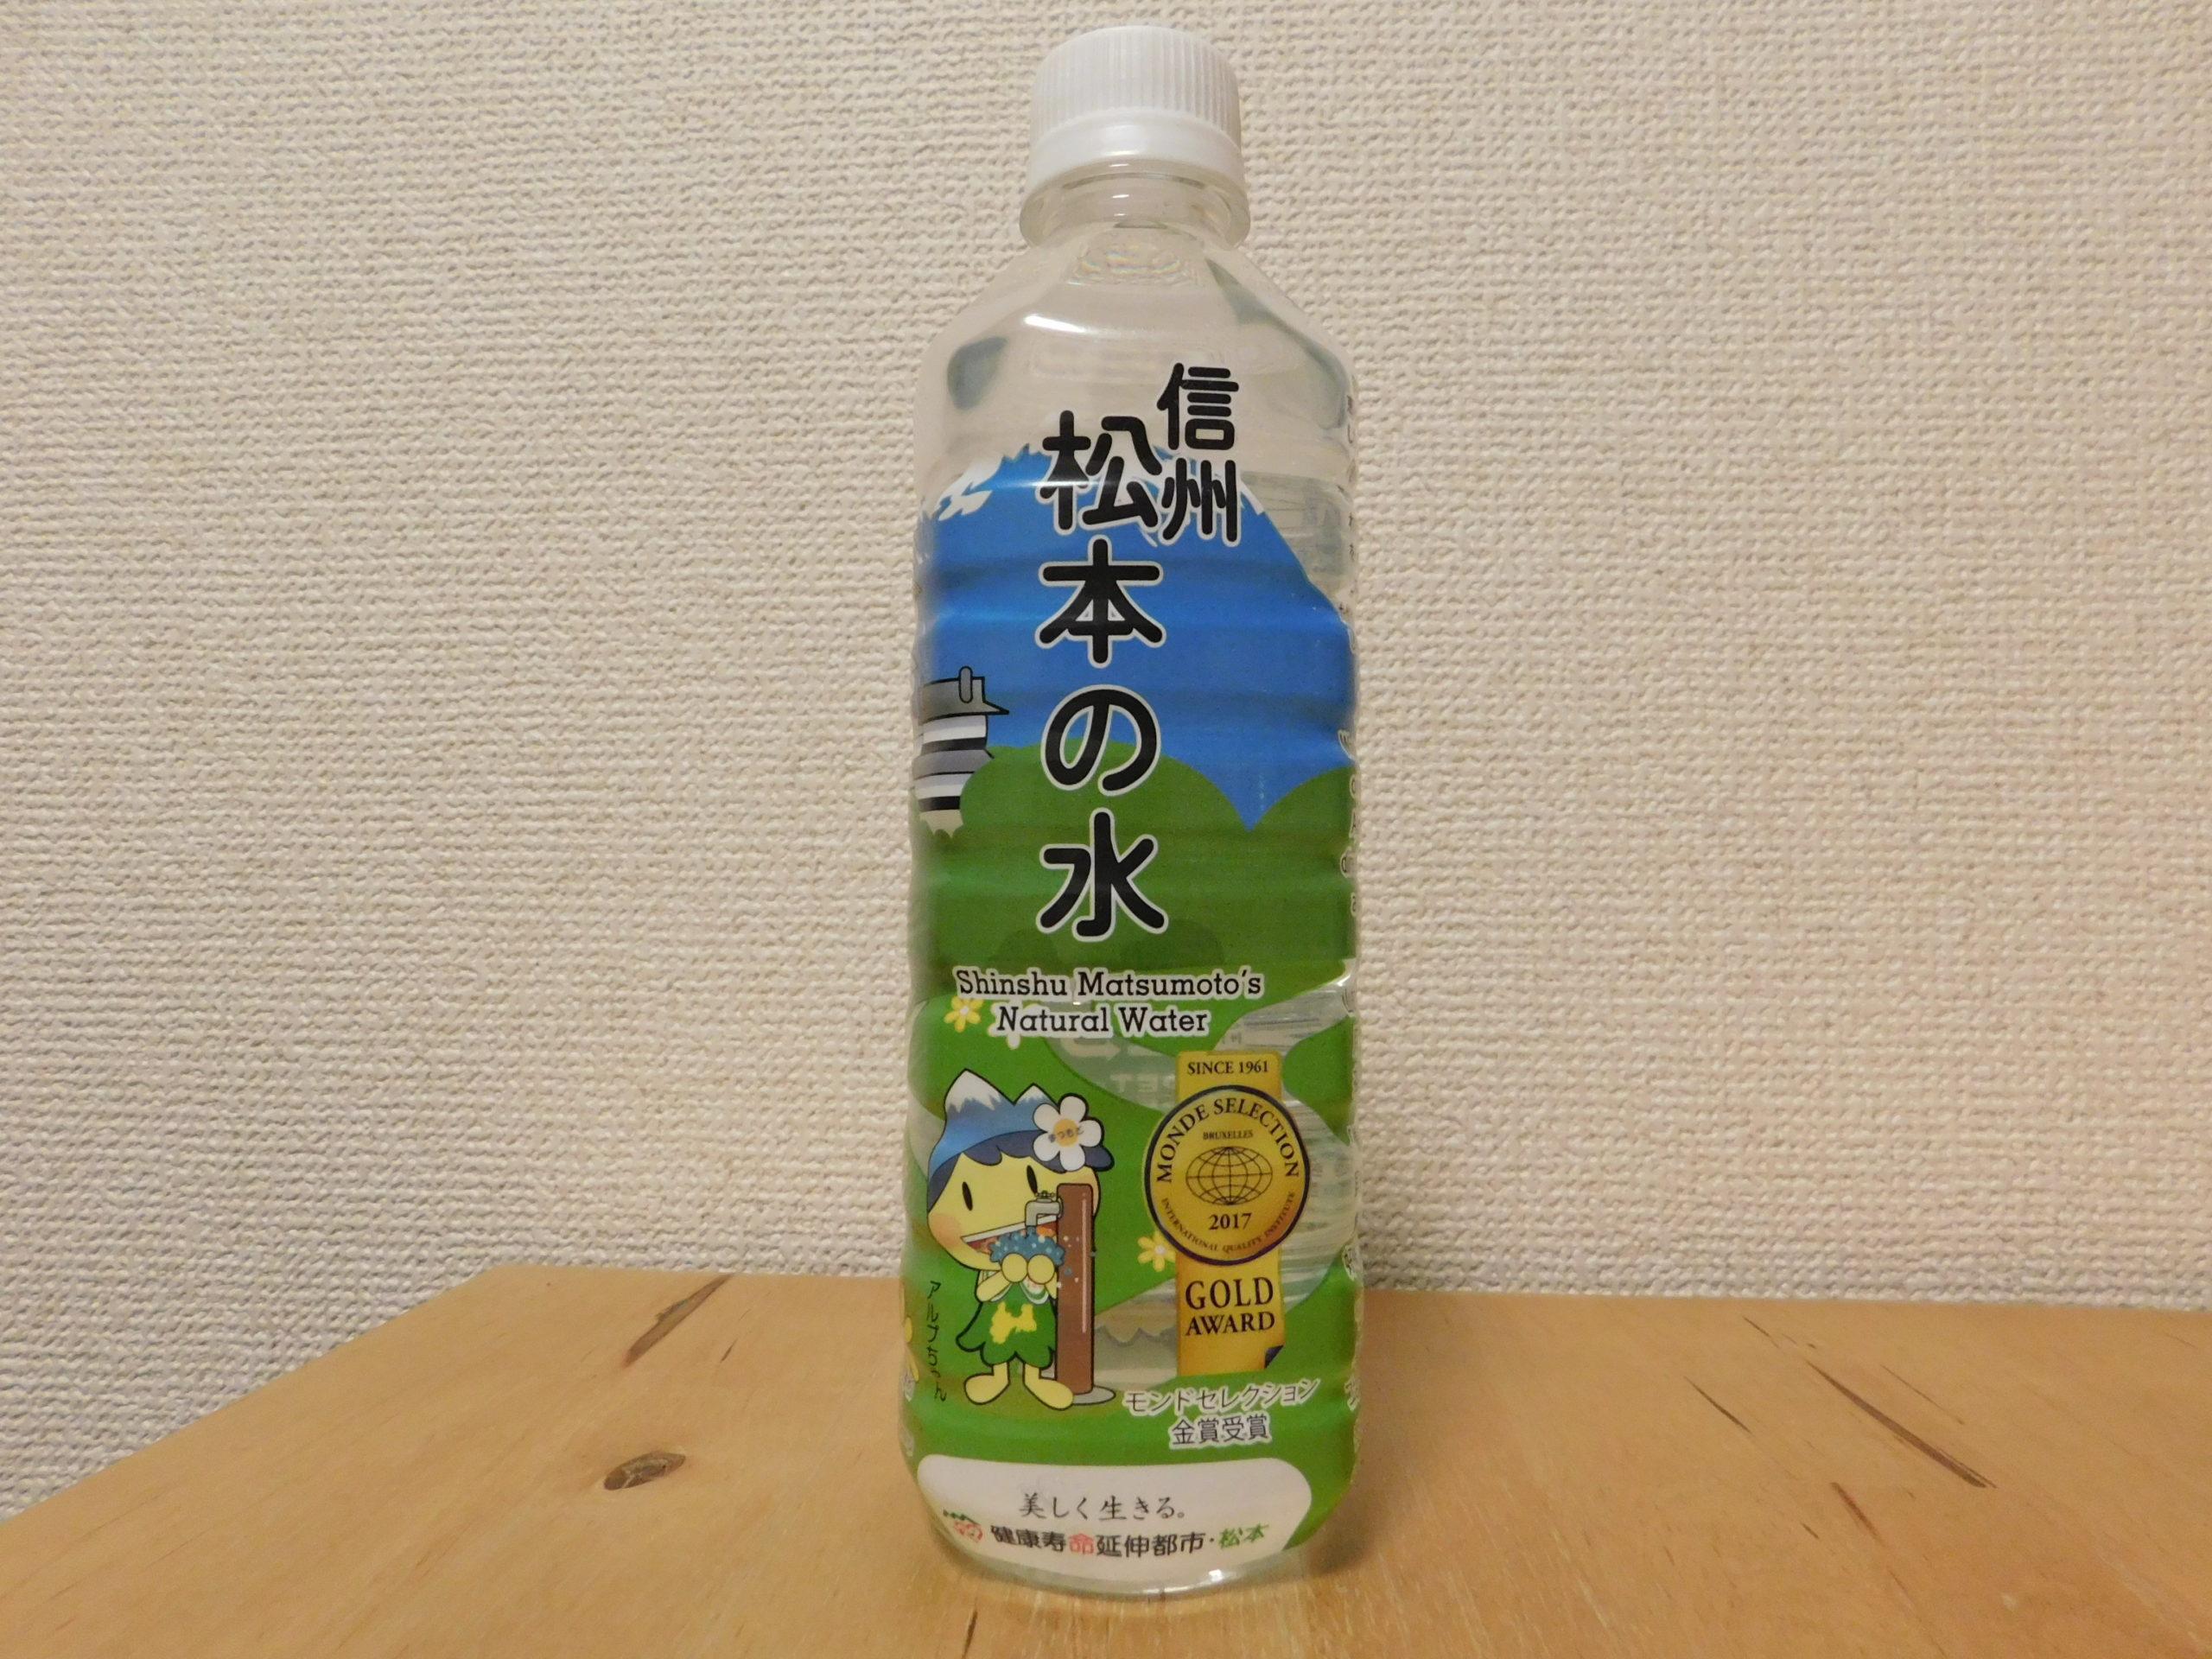 長野県松本市産のミネラルウォーター